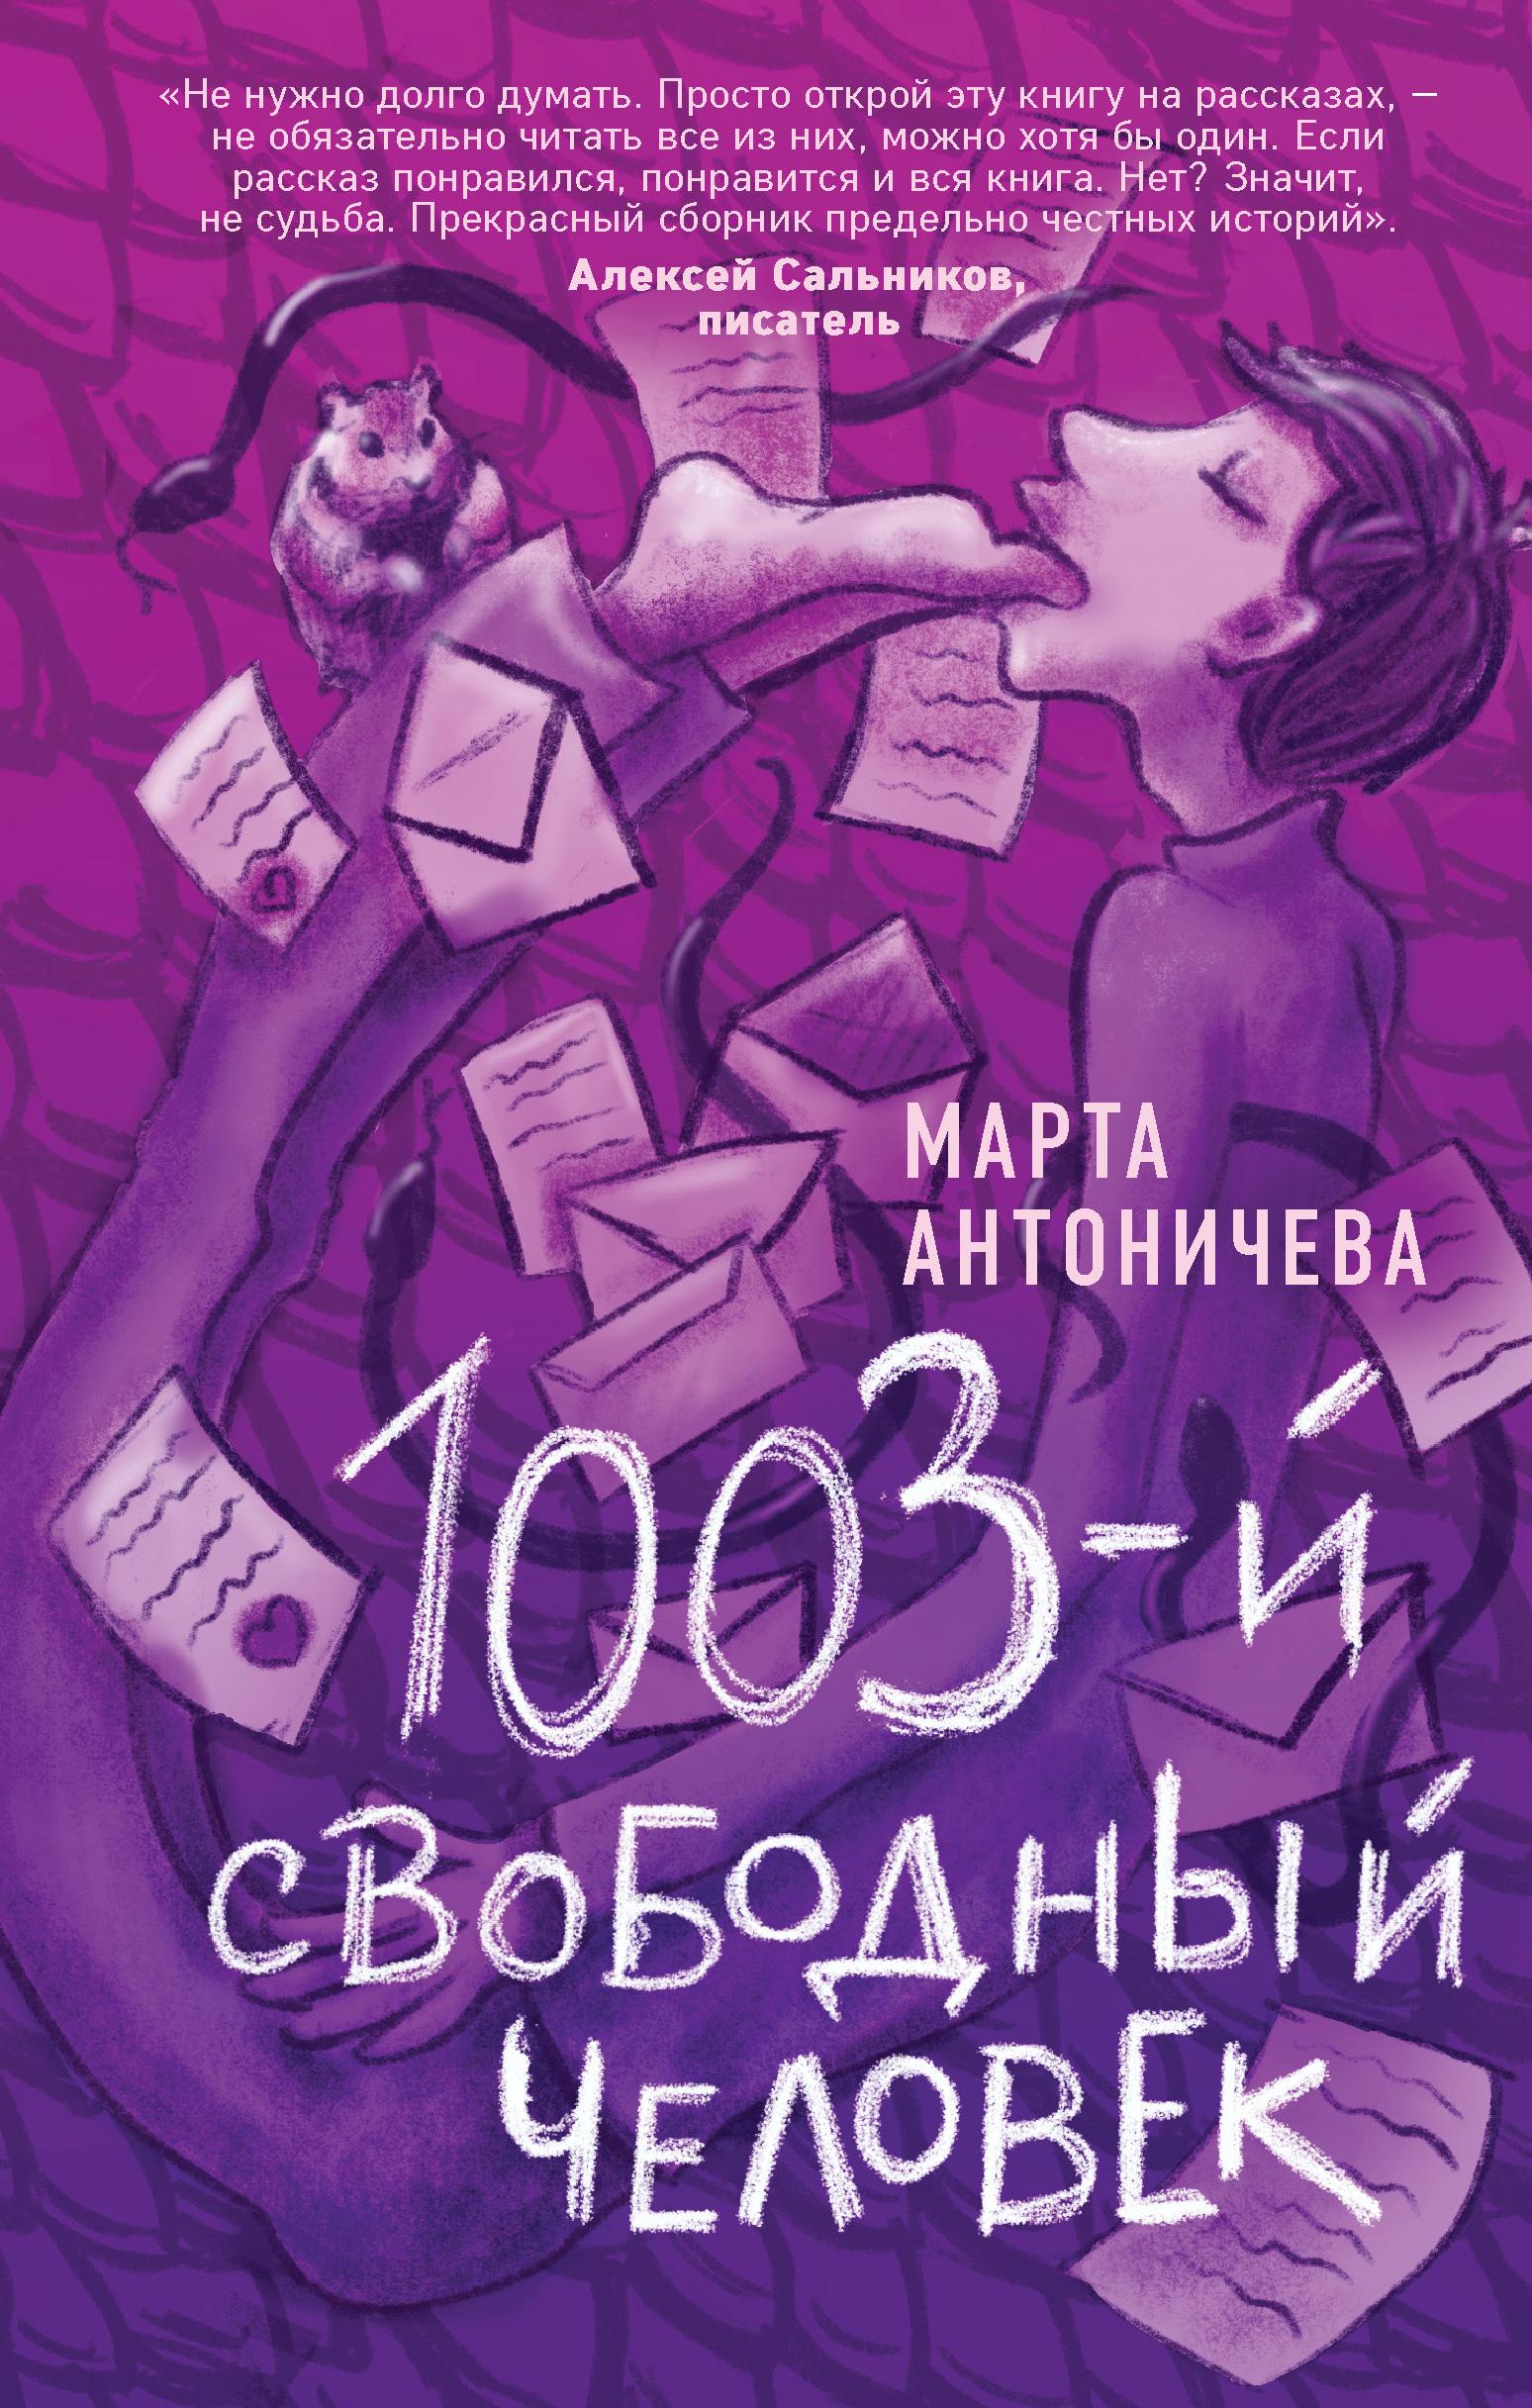 1003-й свободный человек